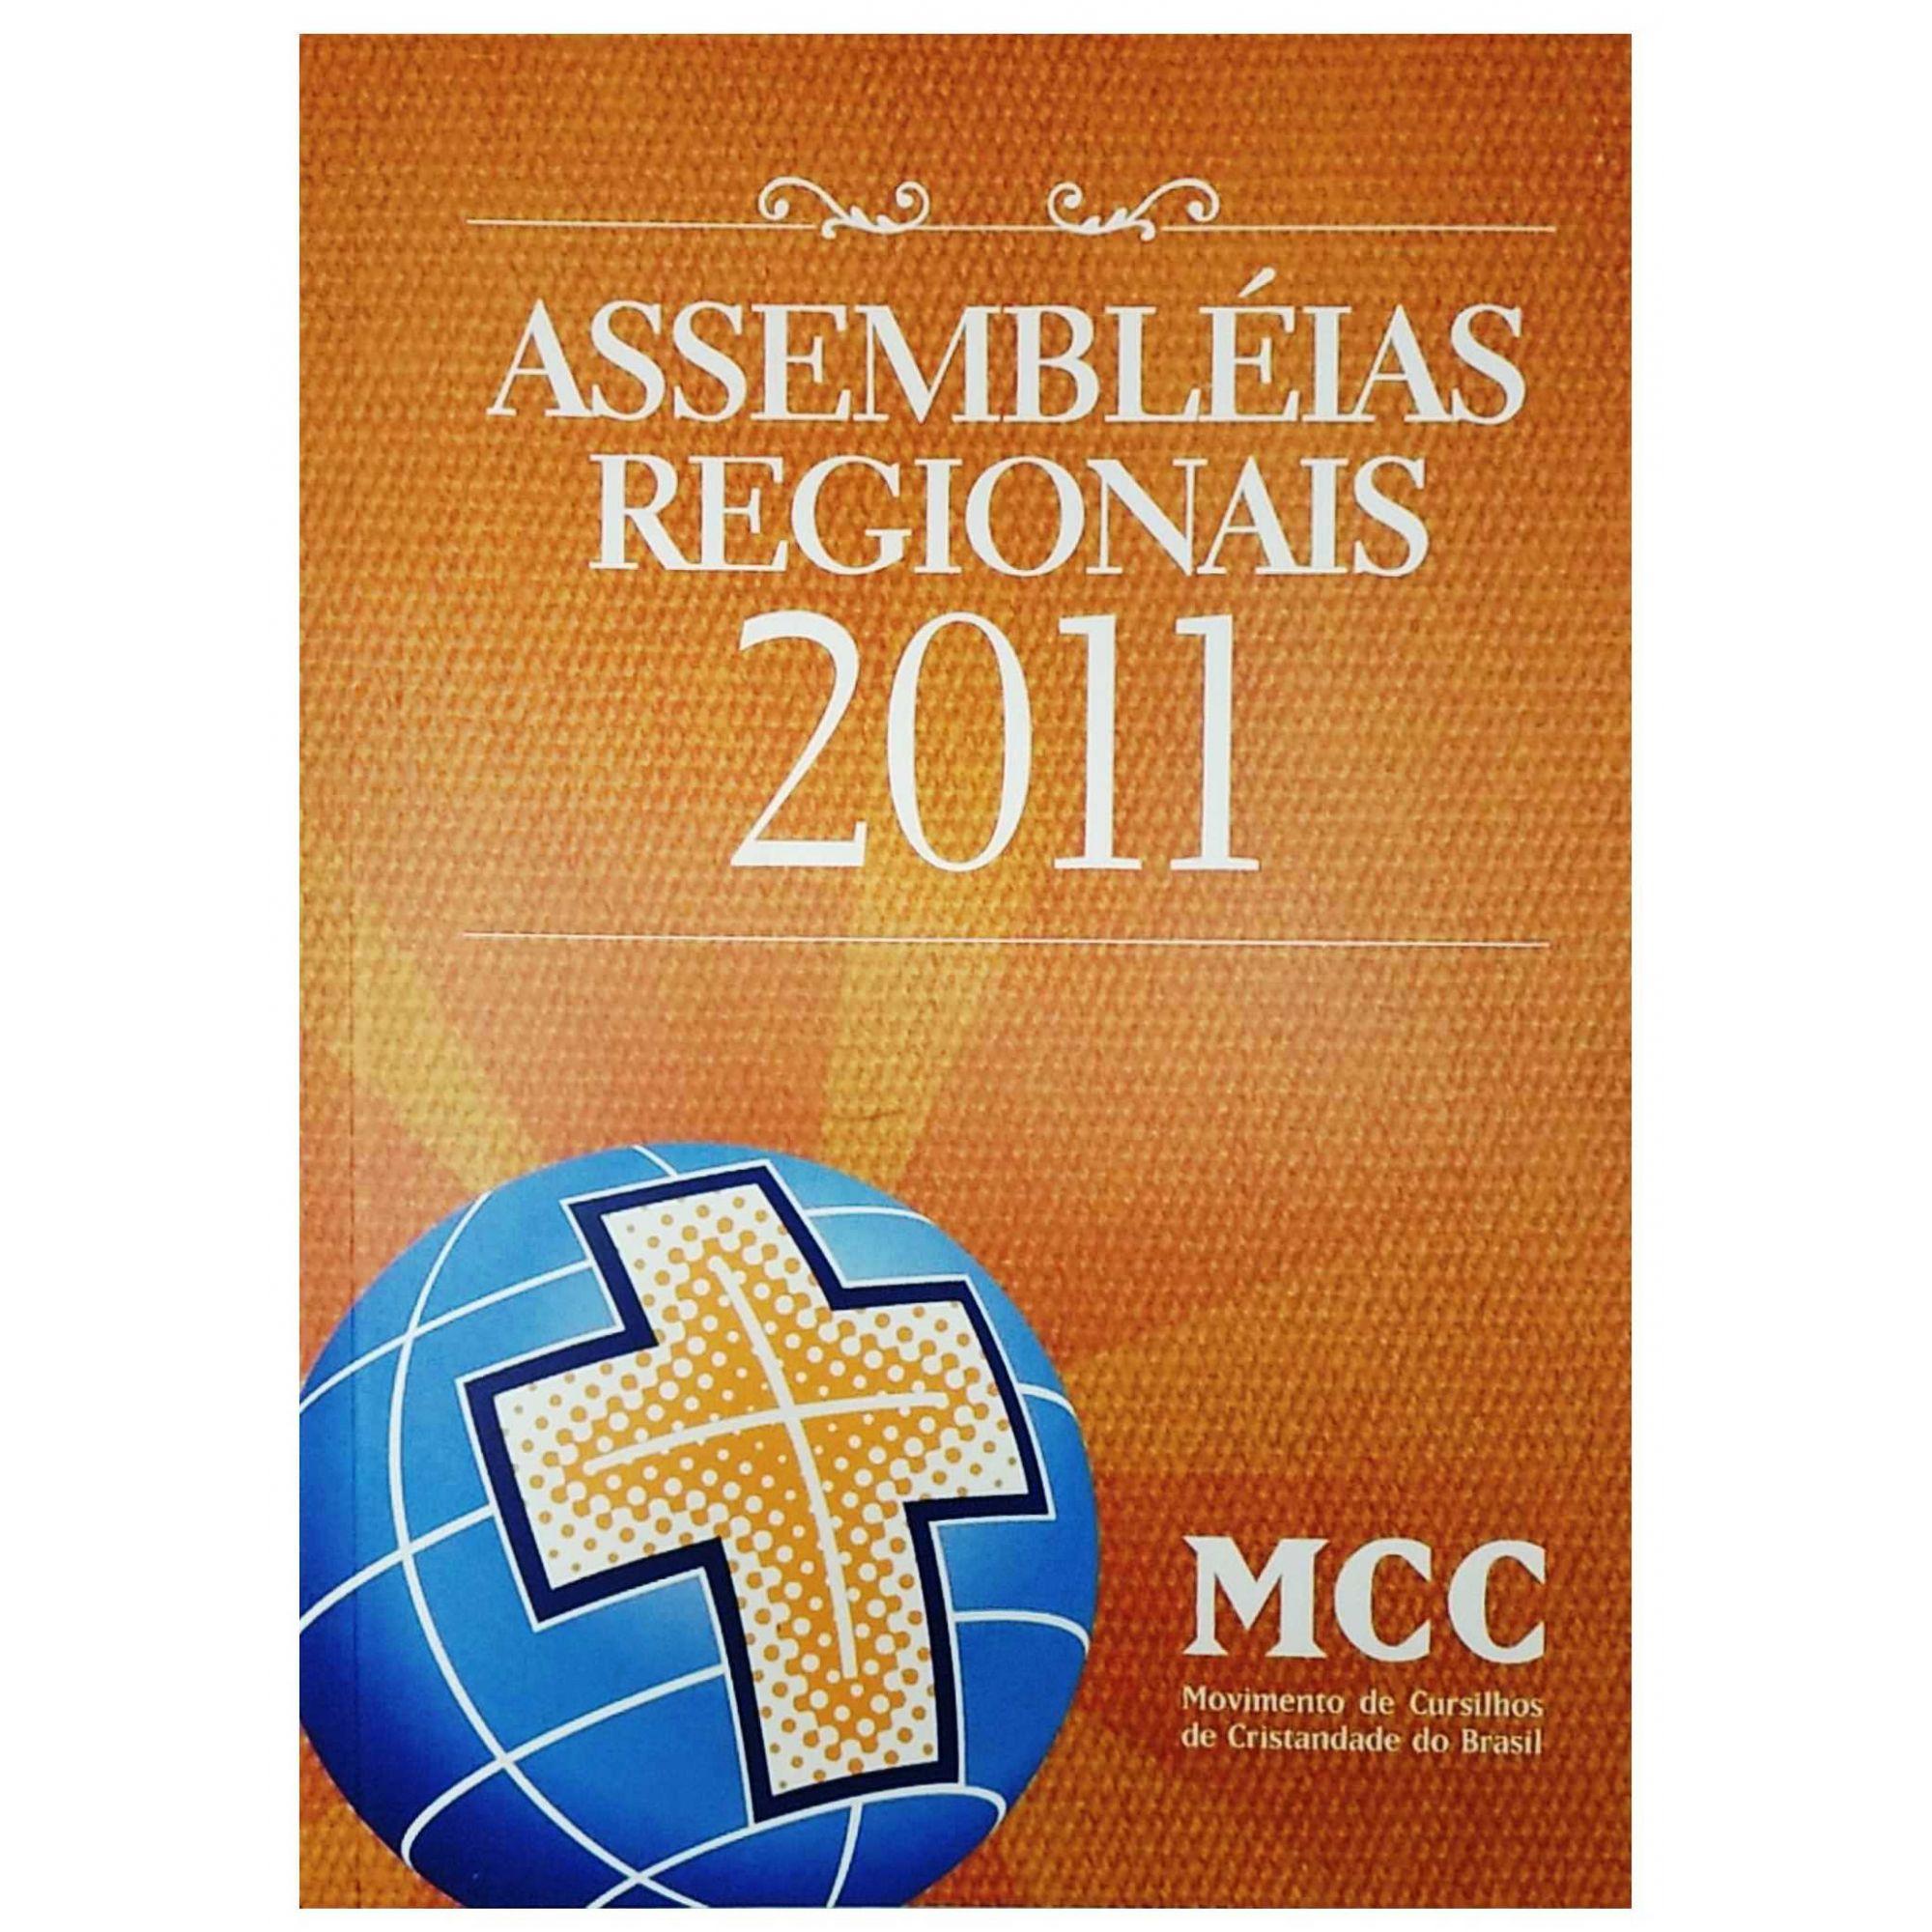 Assembleias Regionais Subsídio AR. 2011